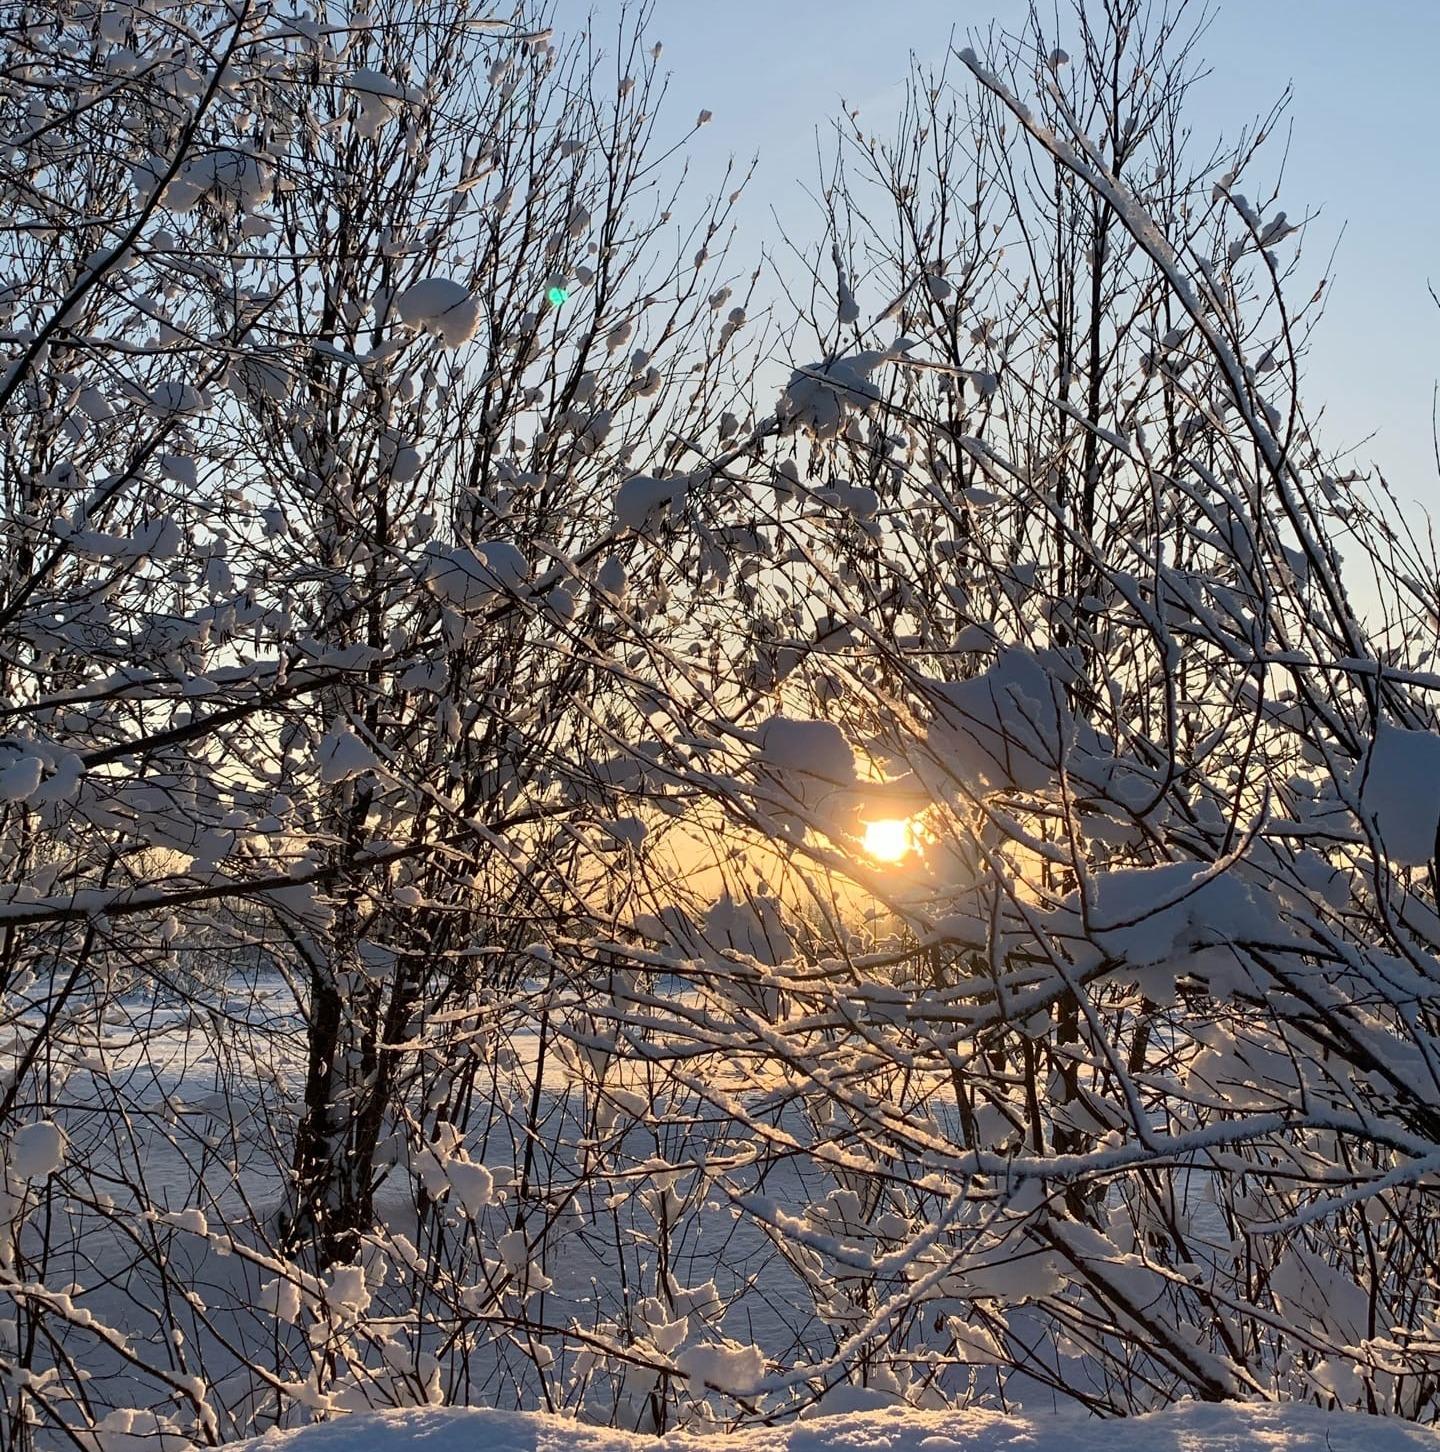 Сугробы в предстоящий холодный период будут выше нормы